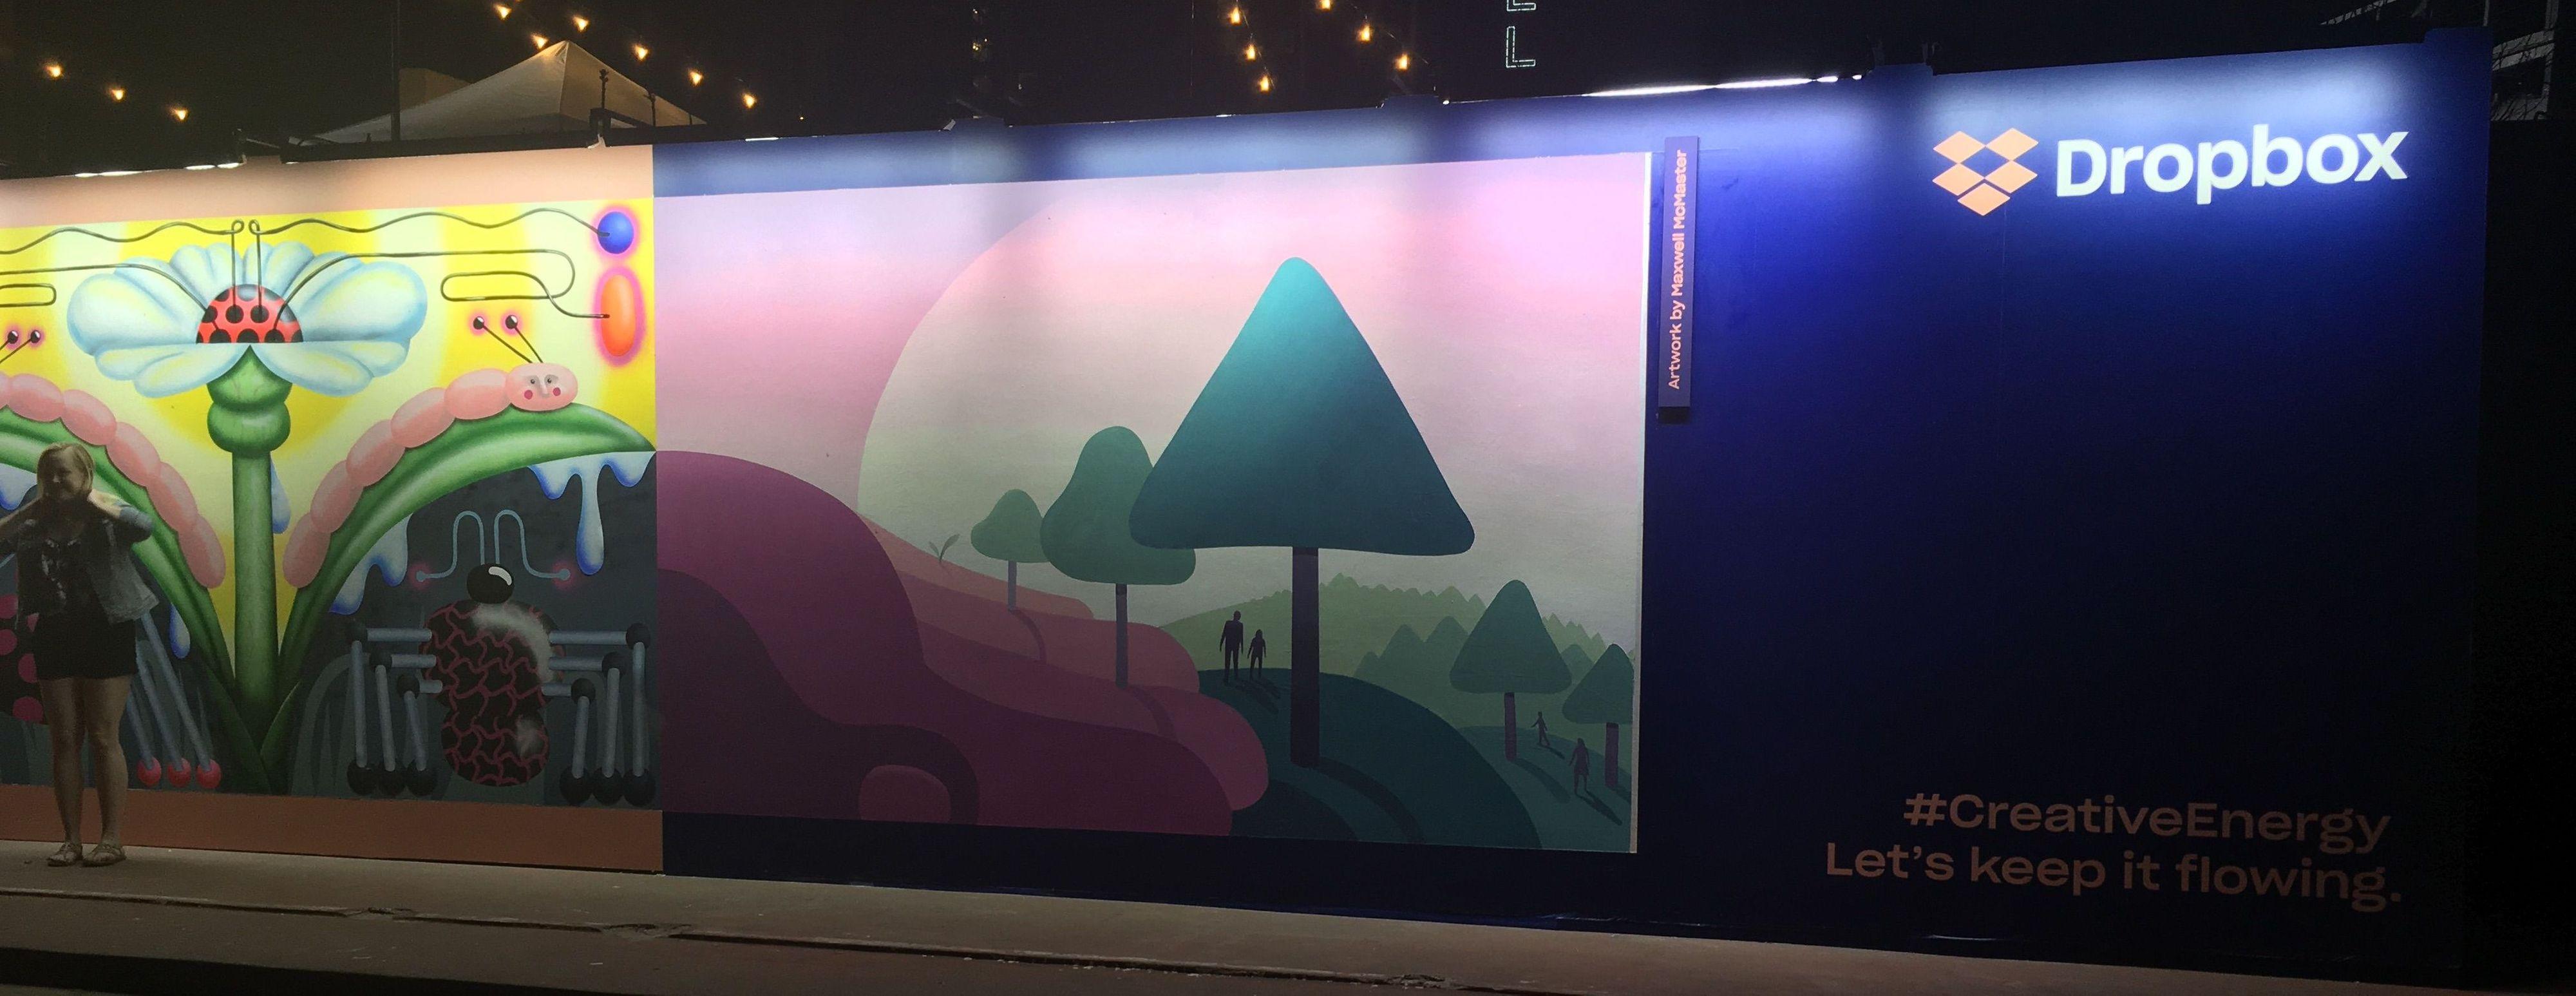 Dropbox Mural at SXSW